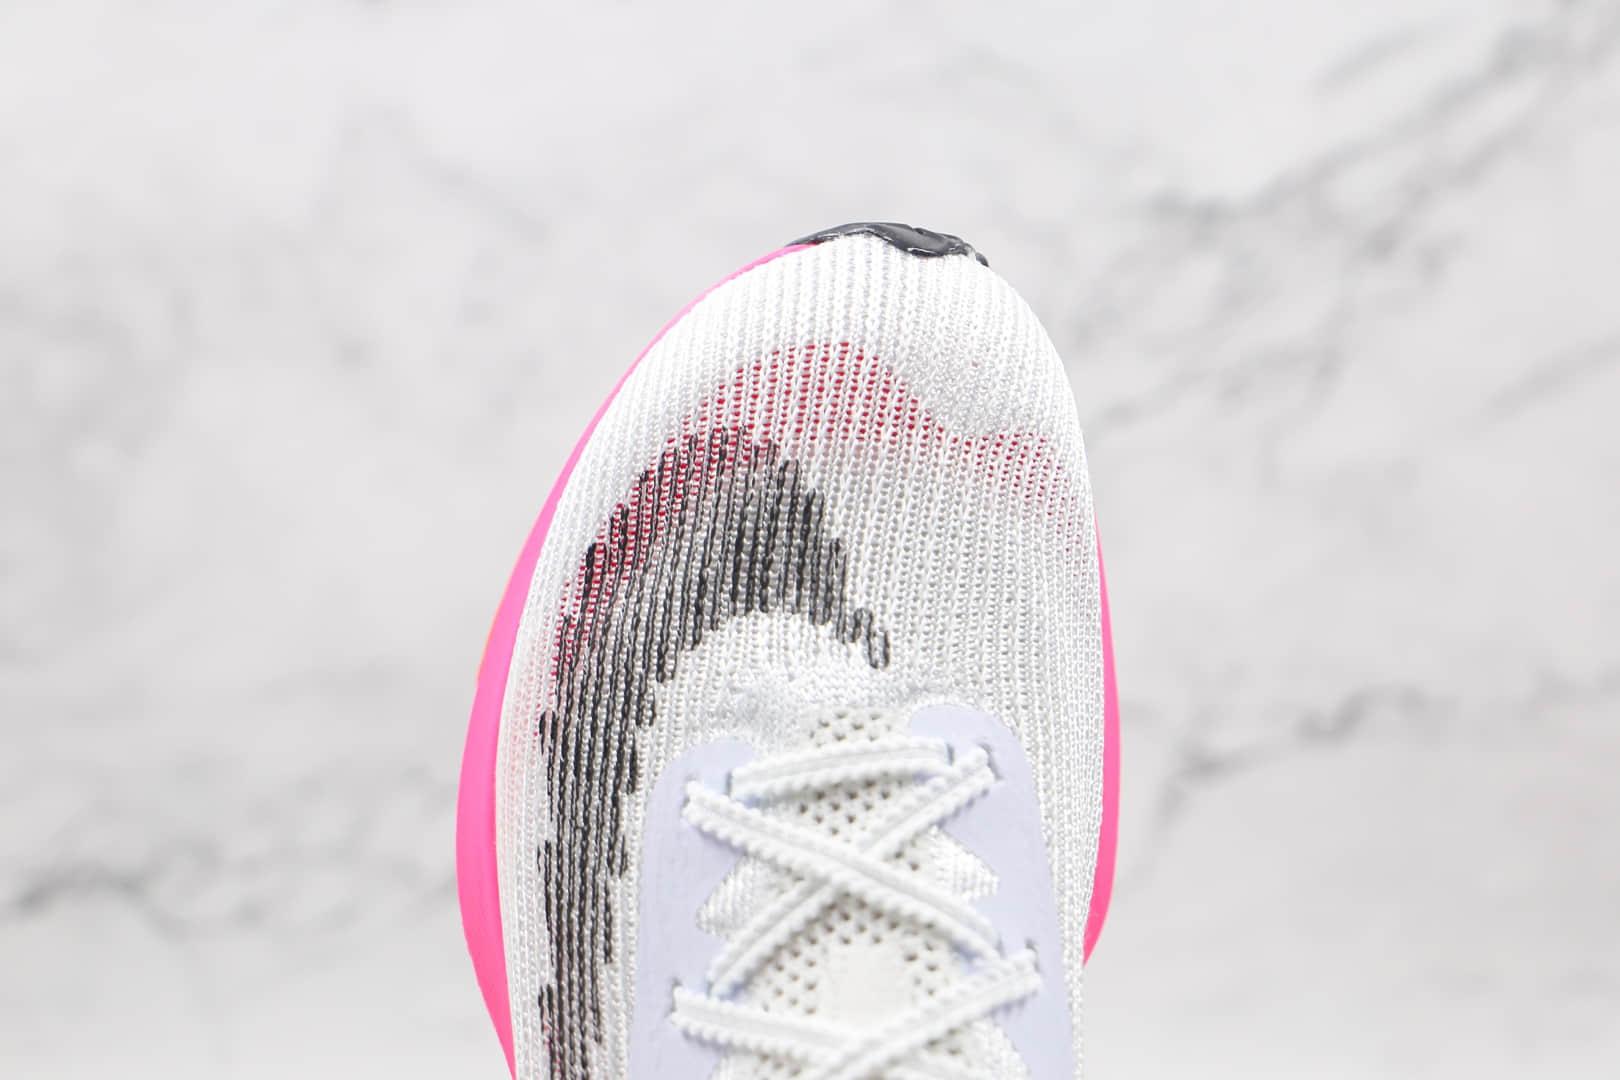 耐克Nike Air Zoom Alphafly NEXT%纯原版本白粉色网面Next%马拉松气垫慢跑鞋原楦头纸板打造 货号:DD8877-300